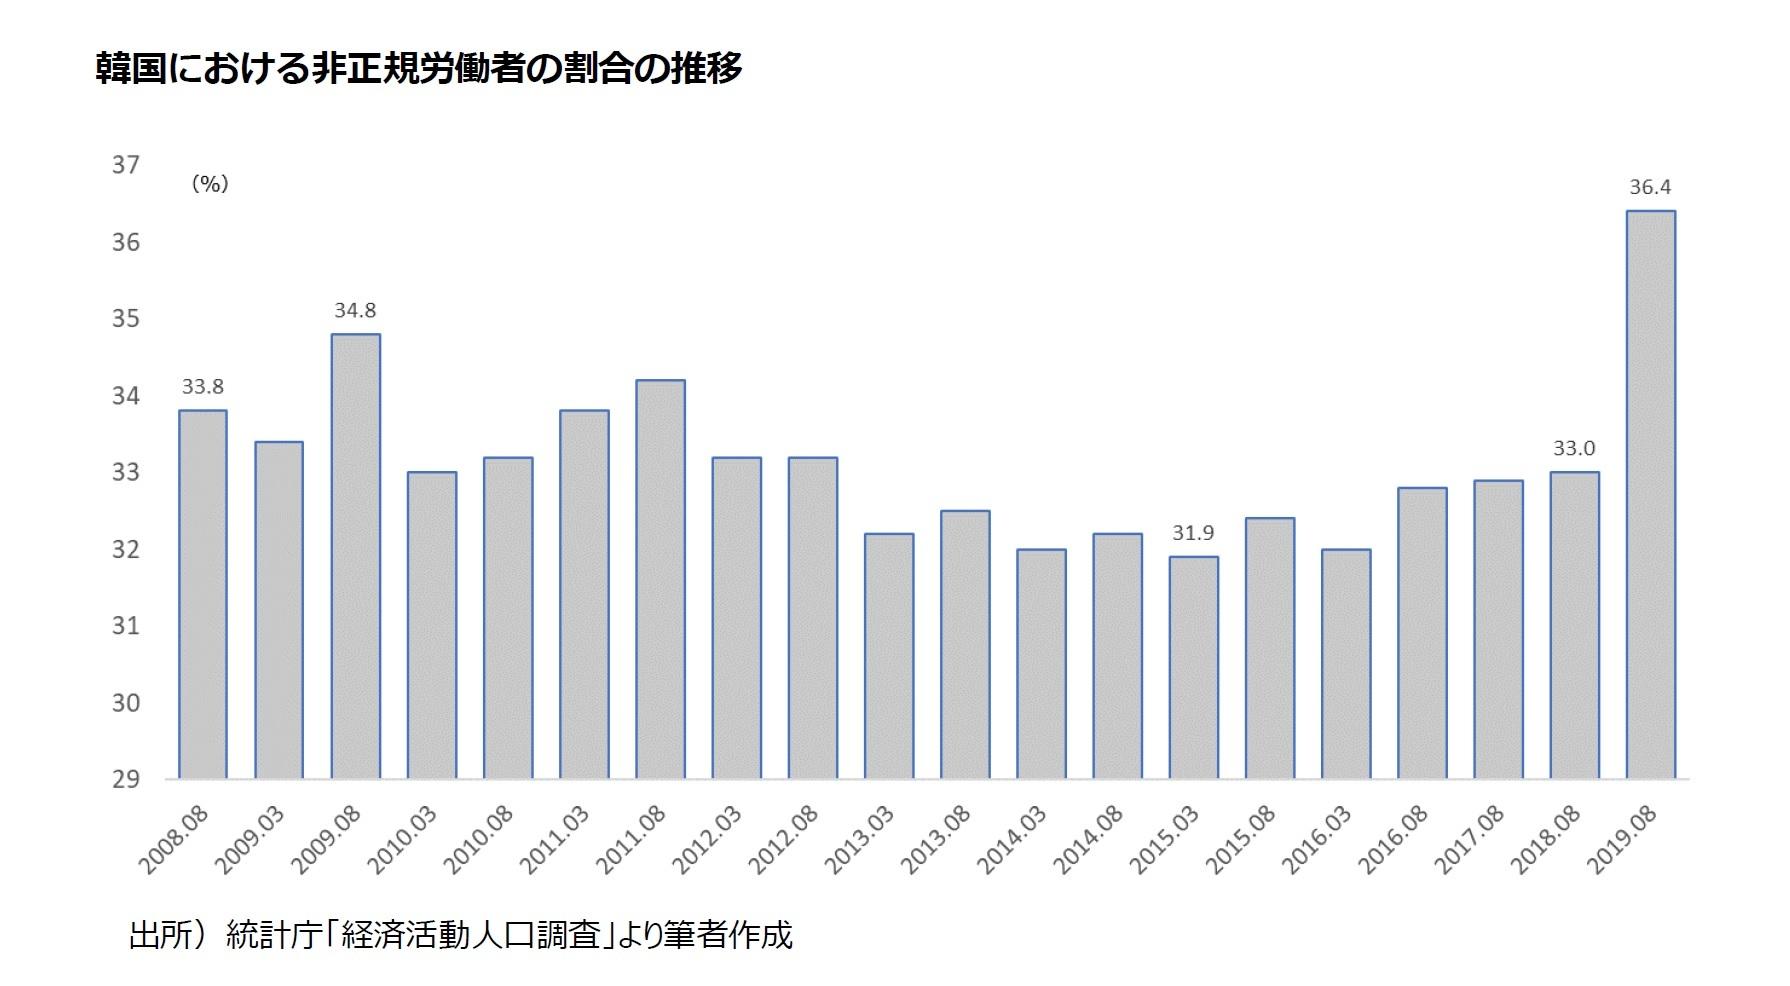 韓国における非正規労働者の割合の推移